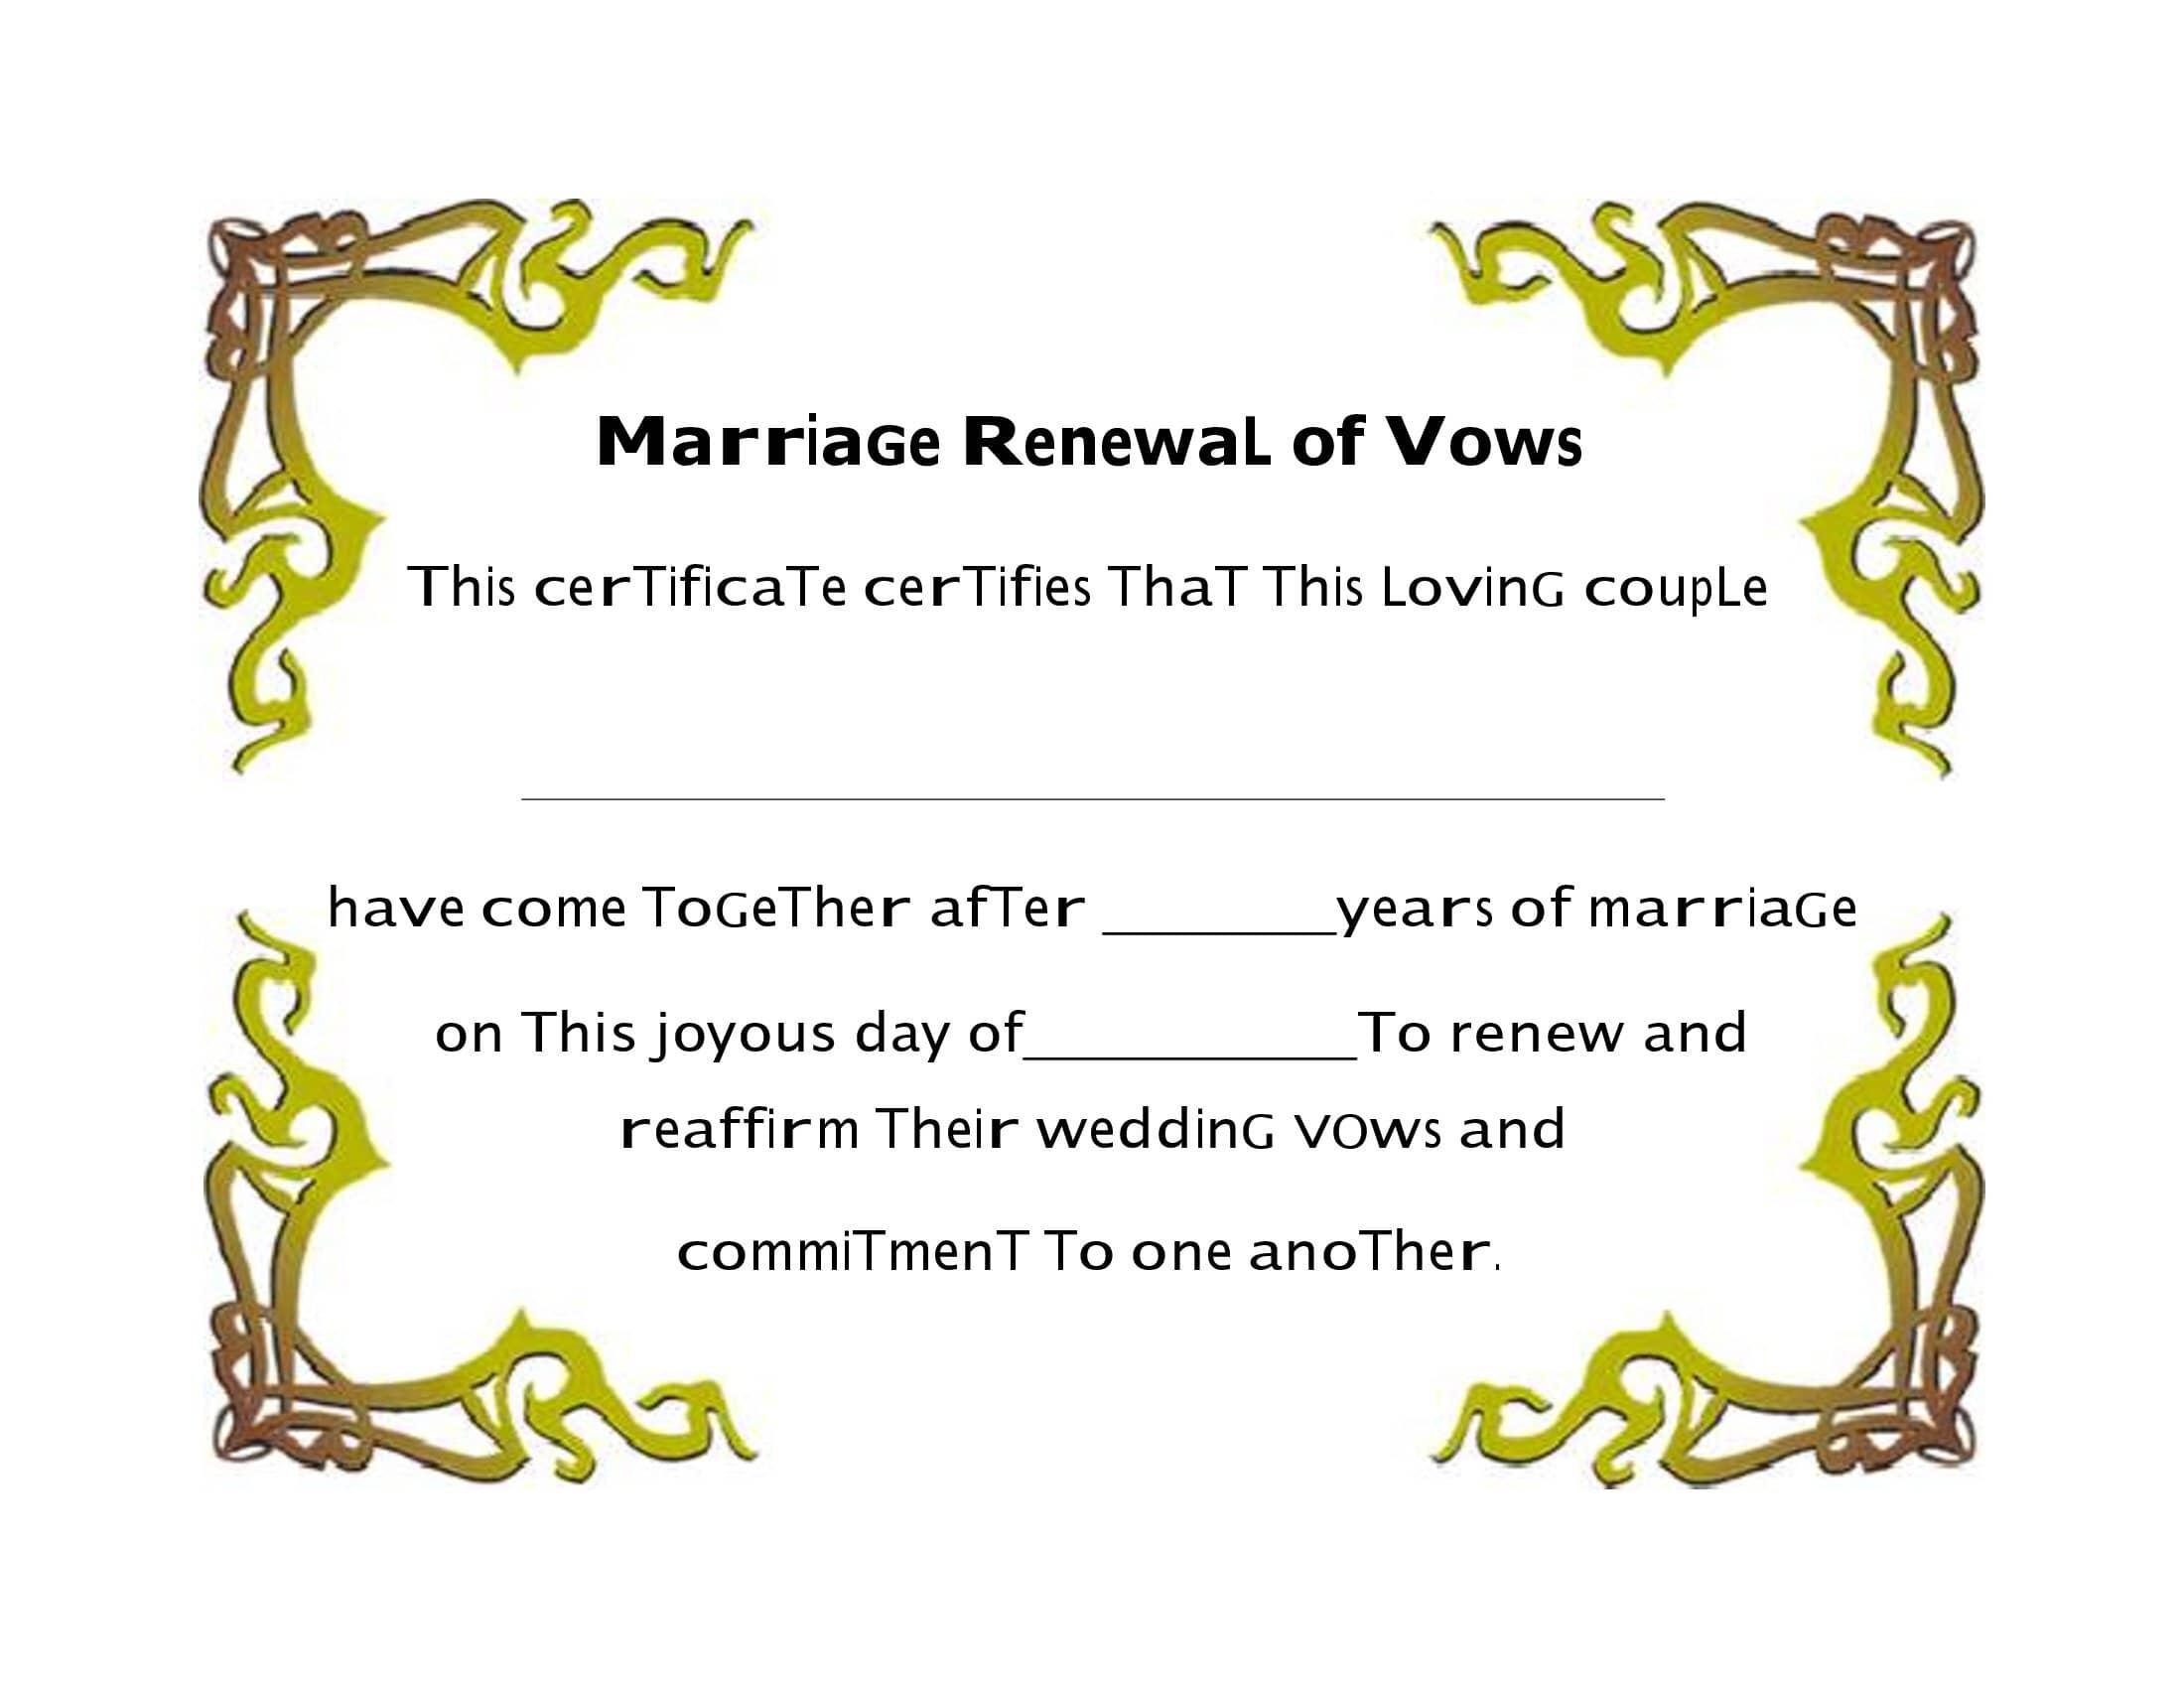 Baixar Certidão De Casamento Em Branco Para Preencher